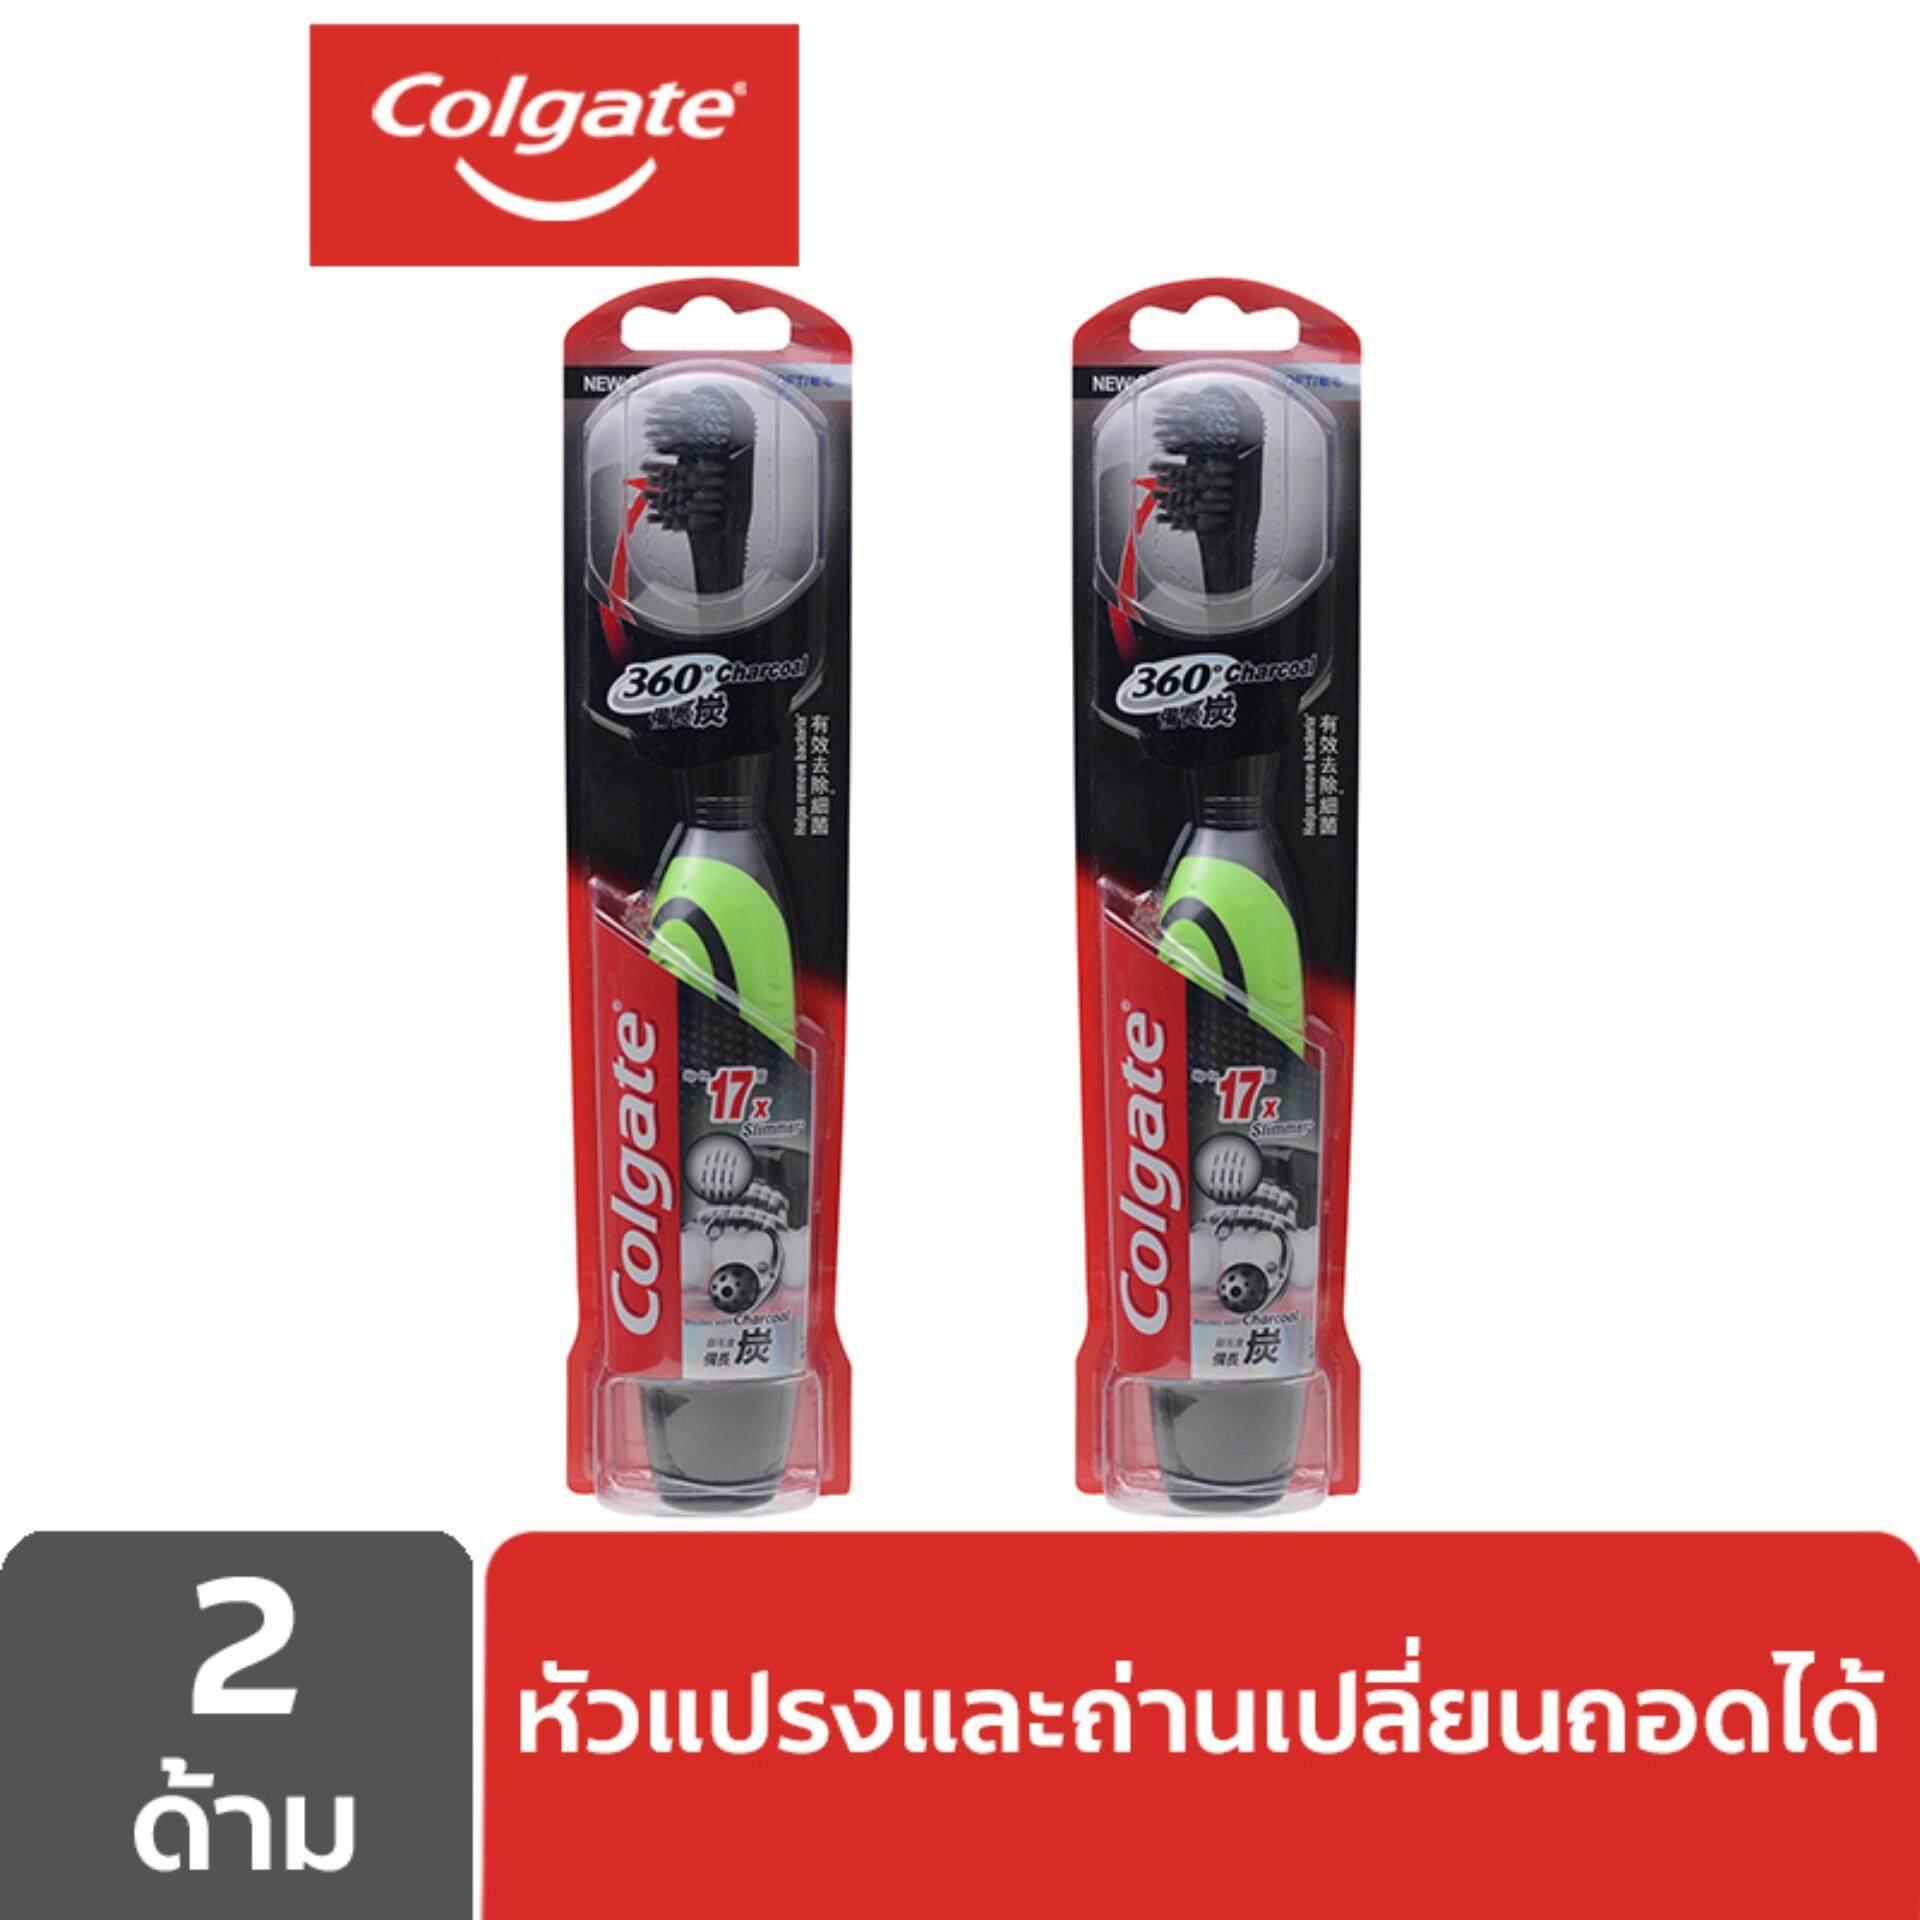 นนทบุรี แปรงสีฟันไฟฟ้า คอลเกต 360 ชาร์โคล แพ็ค 1x2  สินค้านี้ด้ามแปรงคละสี   Colgate Power 360 Charcoal Toothbrush Pack 1x2  The powered toothbrush handle comes in a range of colors